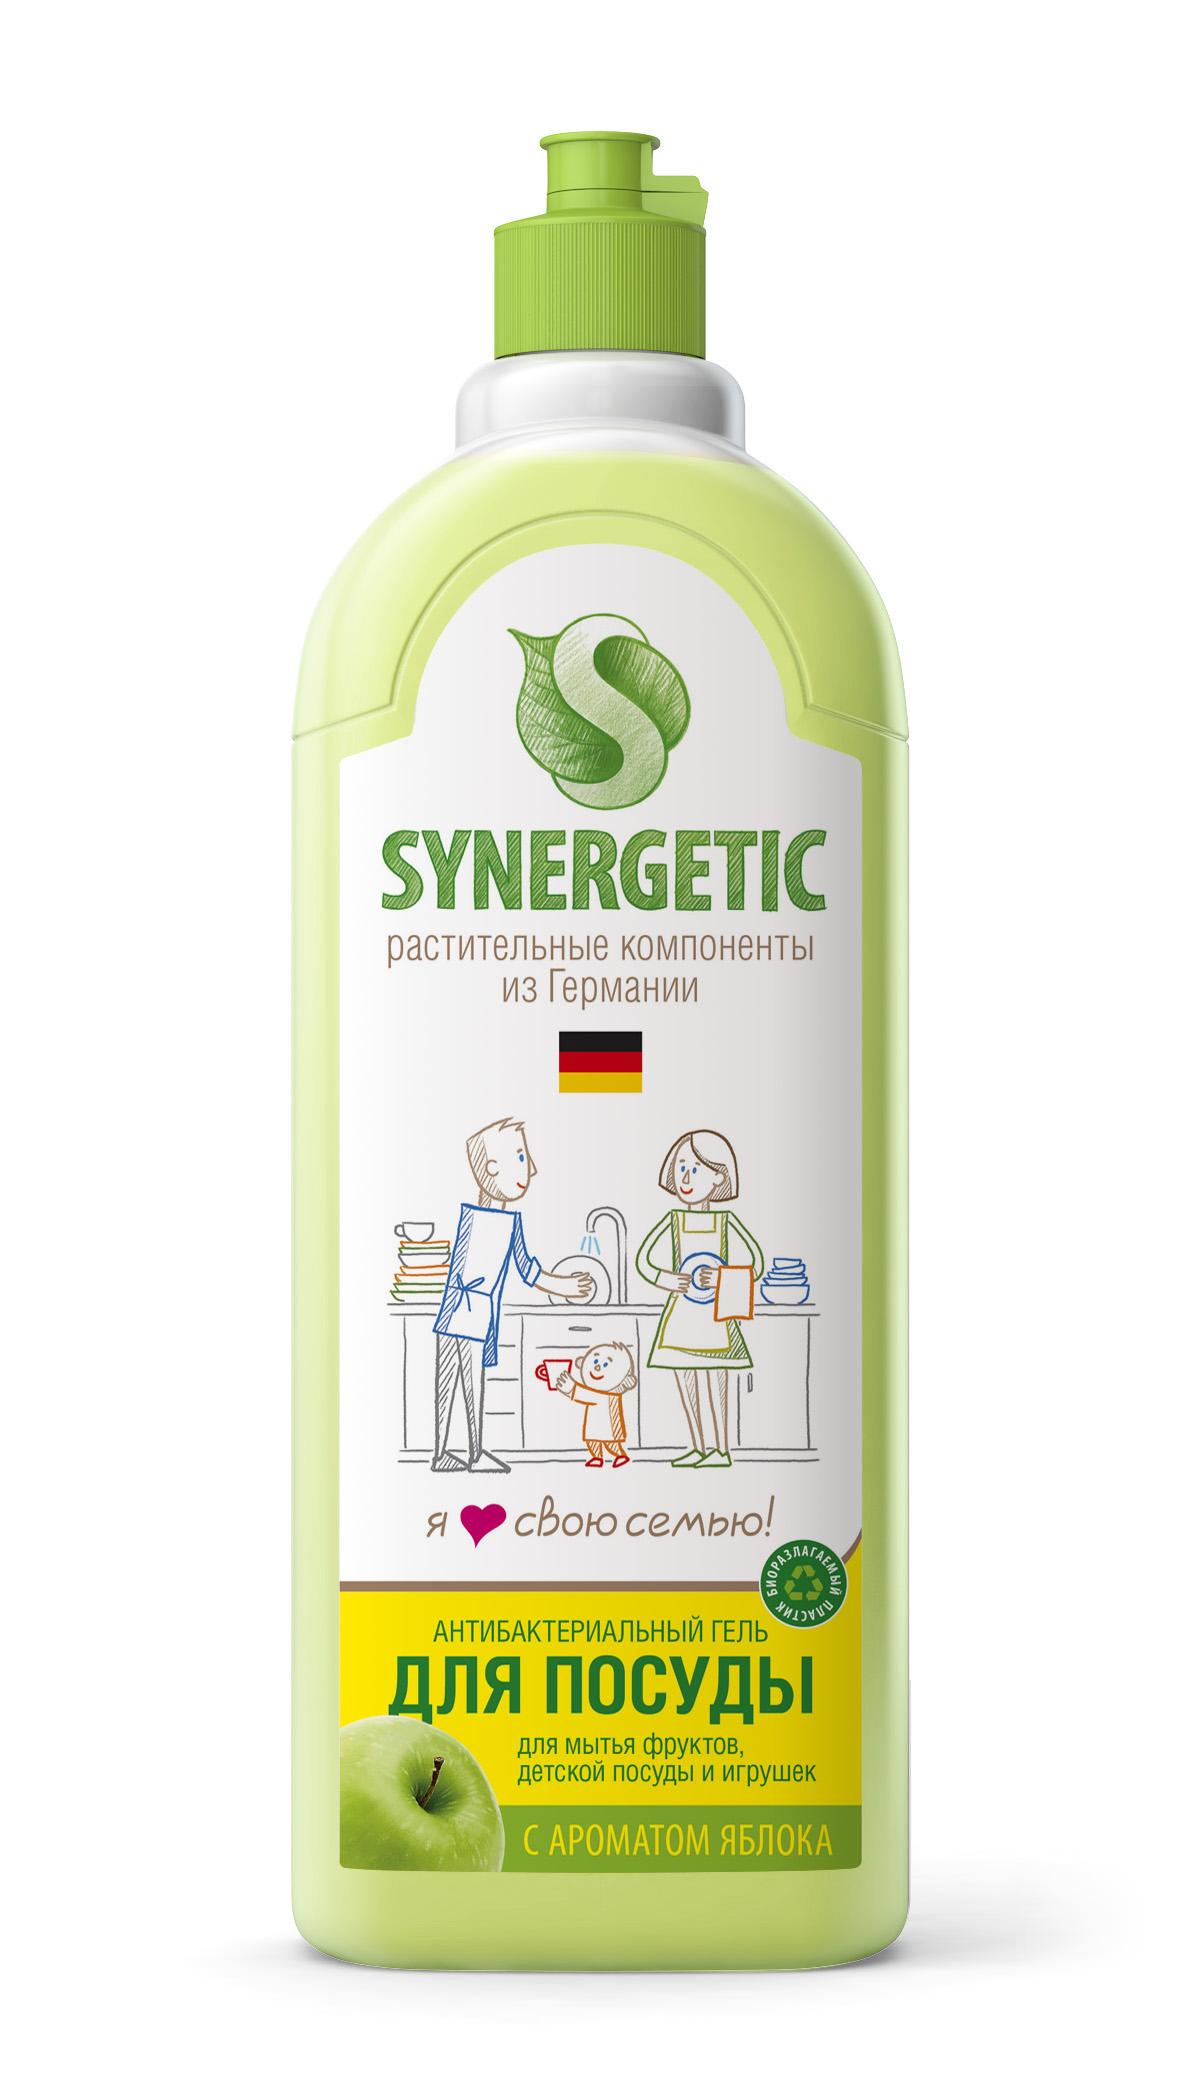 Средство для мытья посуды Synergetic, концетрированное, яблоко, 1 лSNG-103102Концентрированное средство Synergetic предназначено для мытья всех видов посуды. Обладает 100% смываемостью, подходит для мытья фруктов, детской посуды и игрушек. Удаляет жир в ледяной воде.Товар сертифицирован.Как выбрать качественную бытовую химию, безопасную для природы и людей. Статья OZON Гид